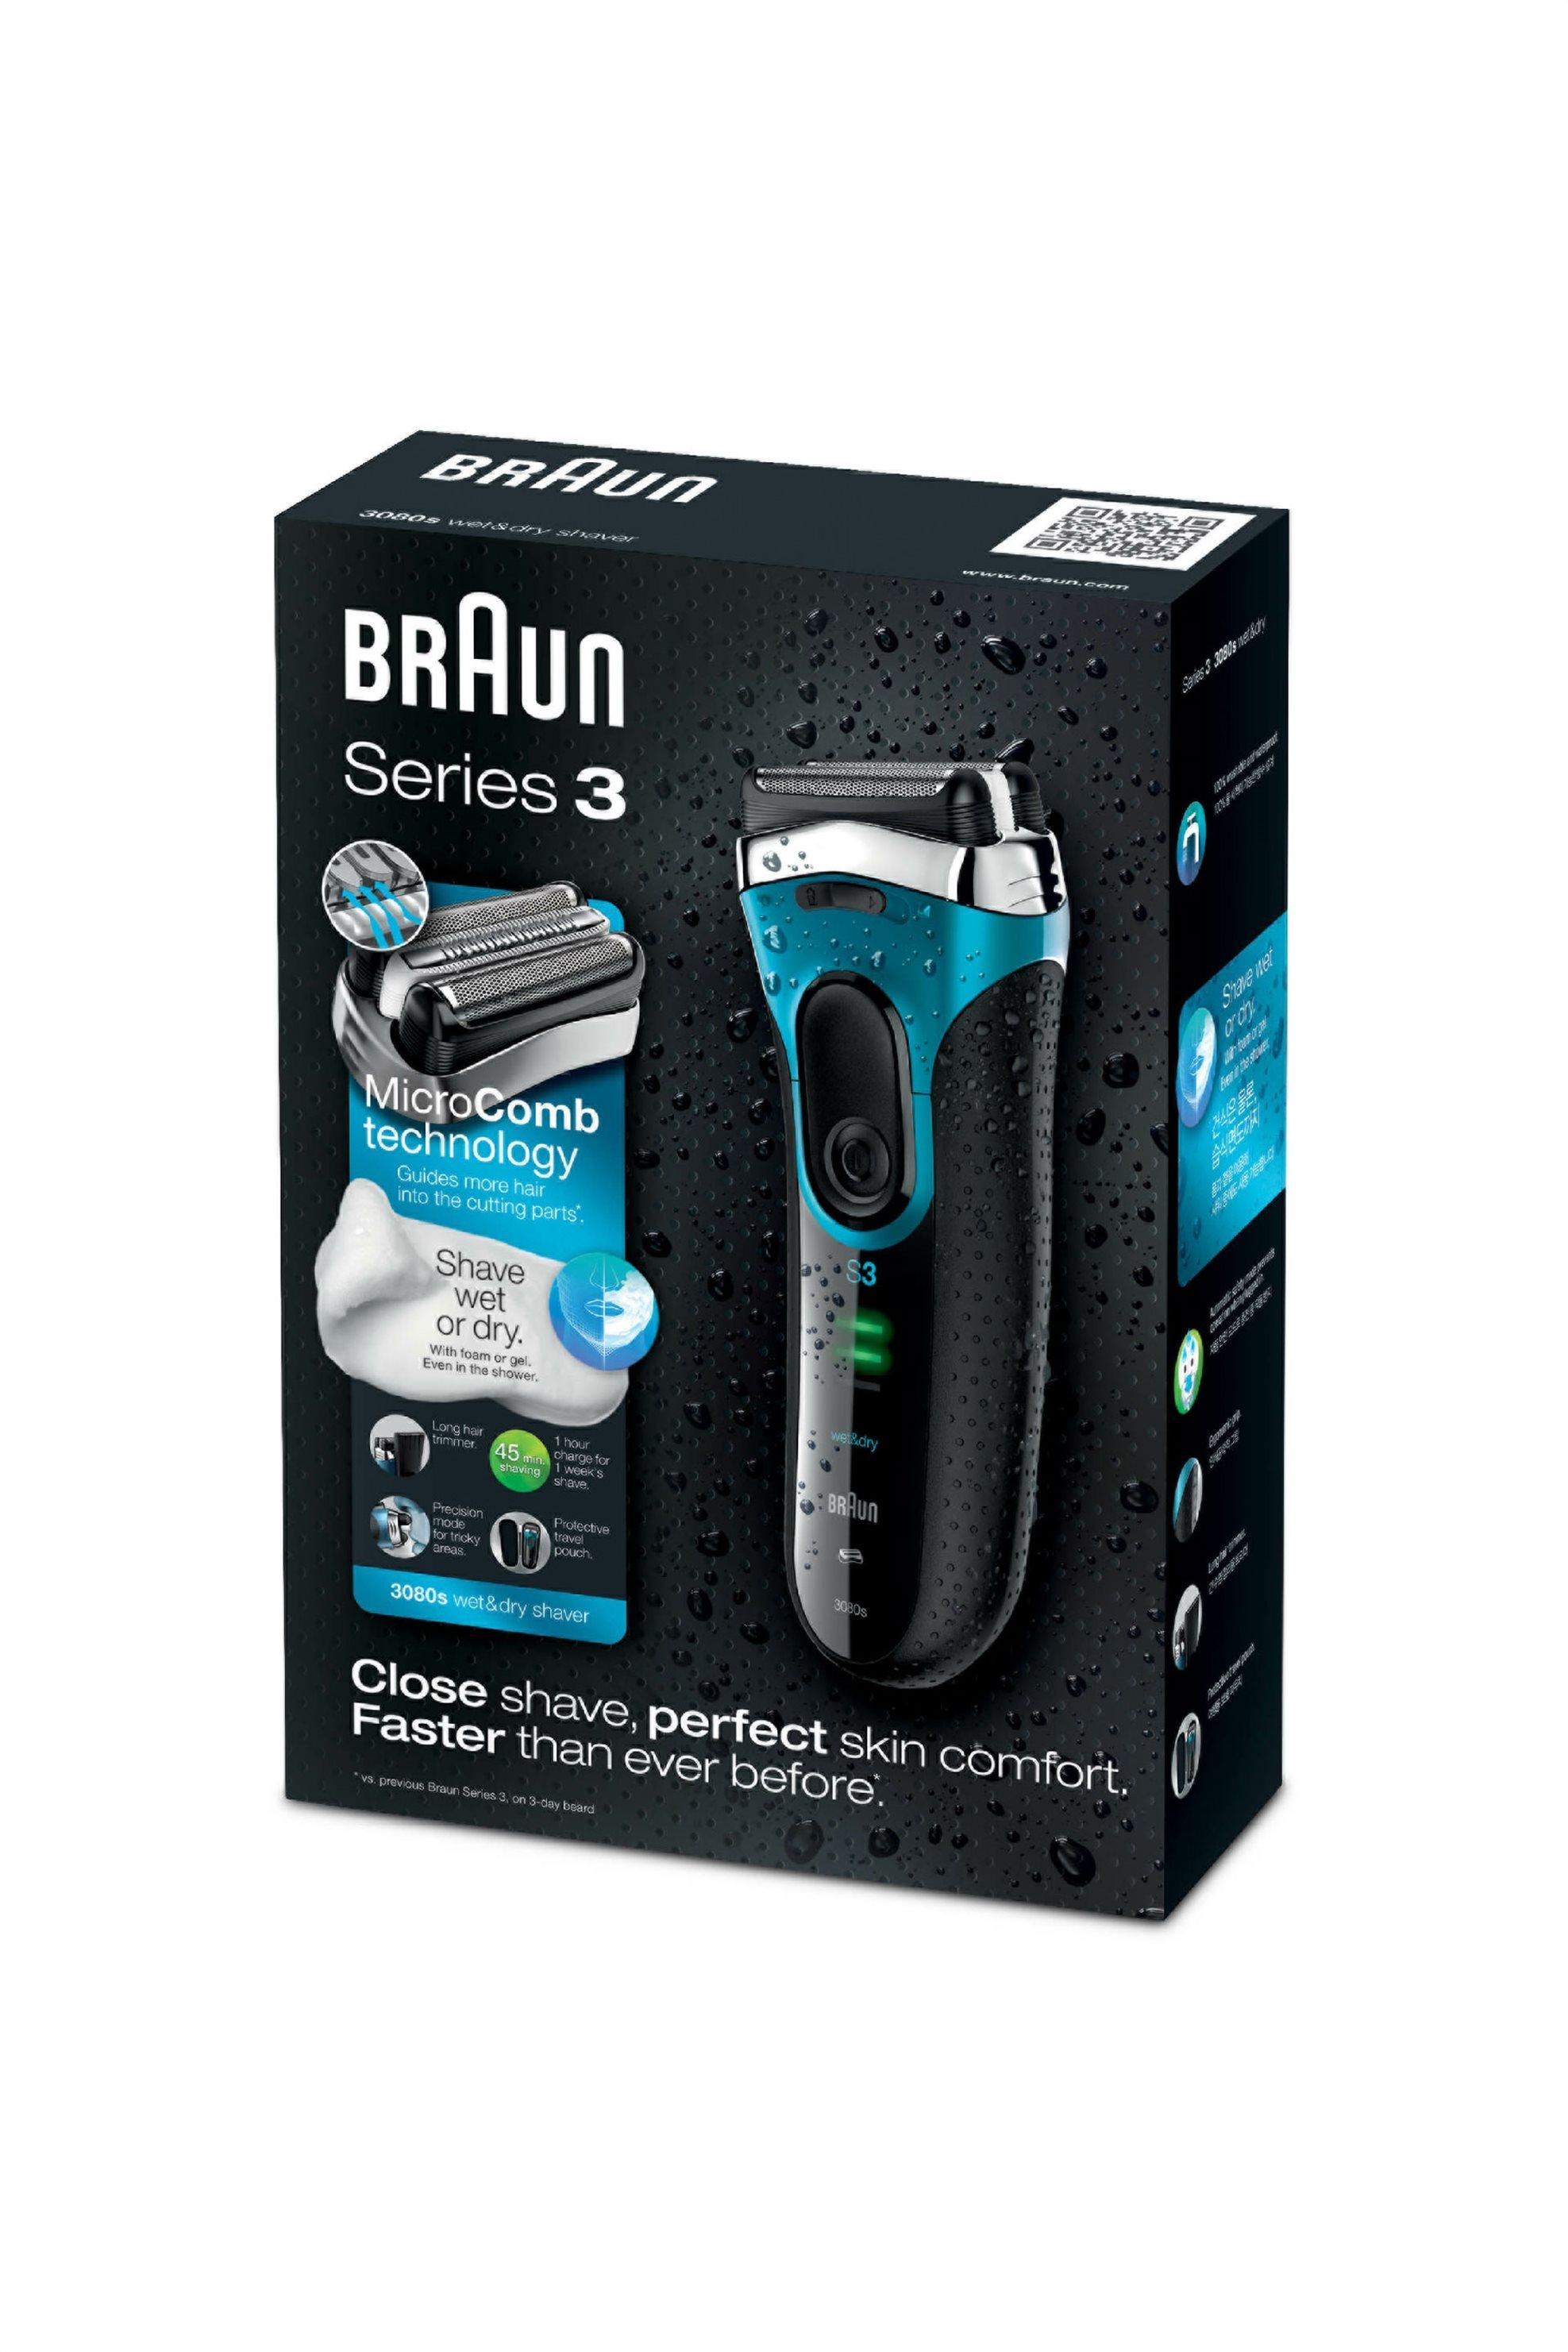 Ξυριστική μηχανή 3080S Wet & Dry Braun - 3080 home   συσκευεσ περιποιησησ   ξυριστικές μηχανές